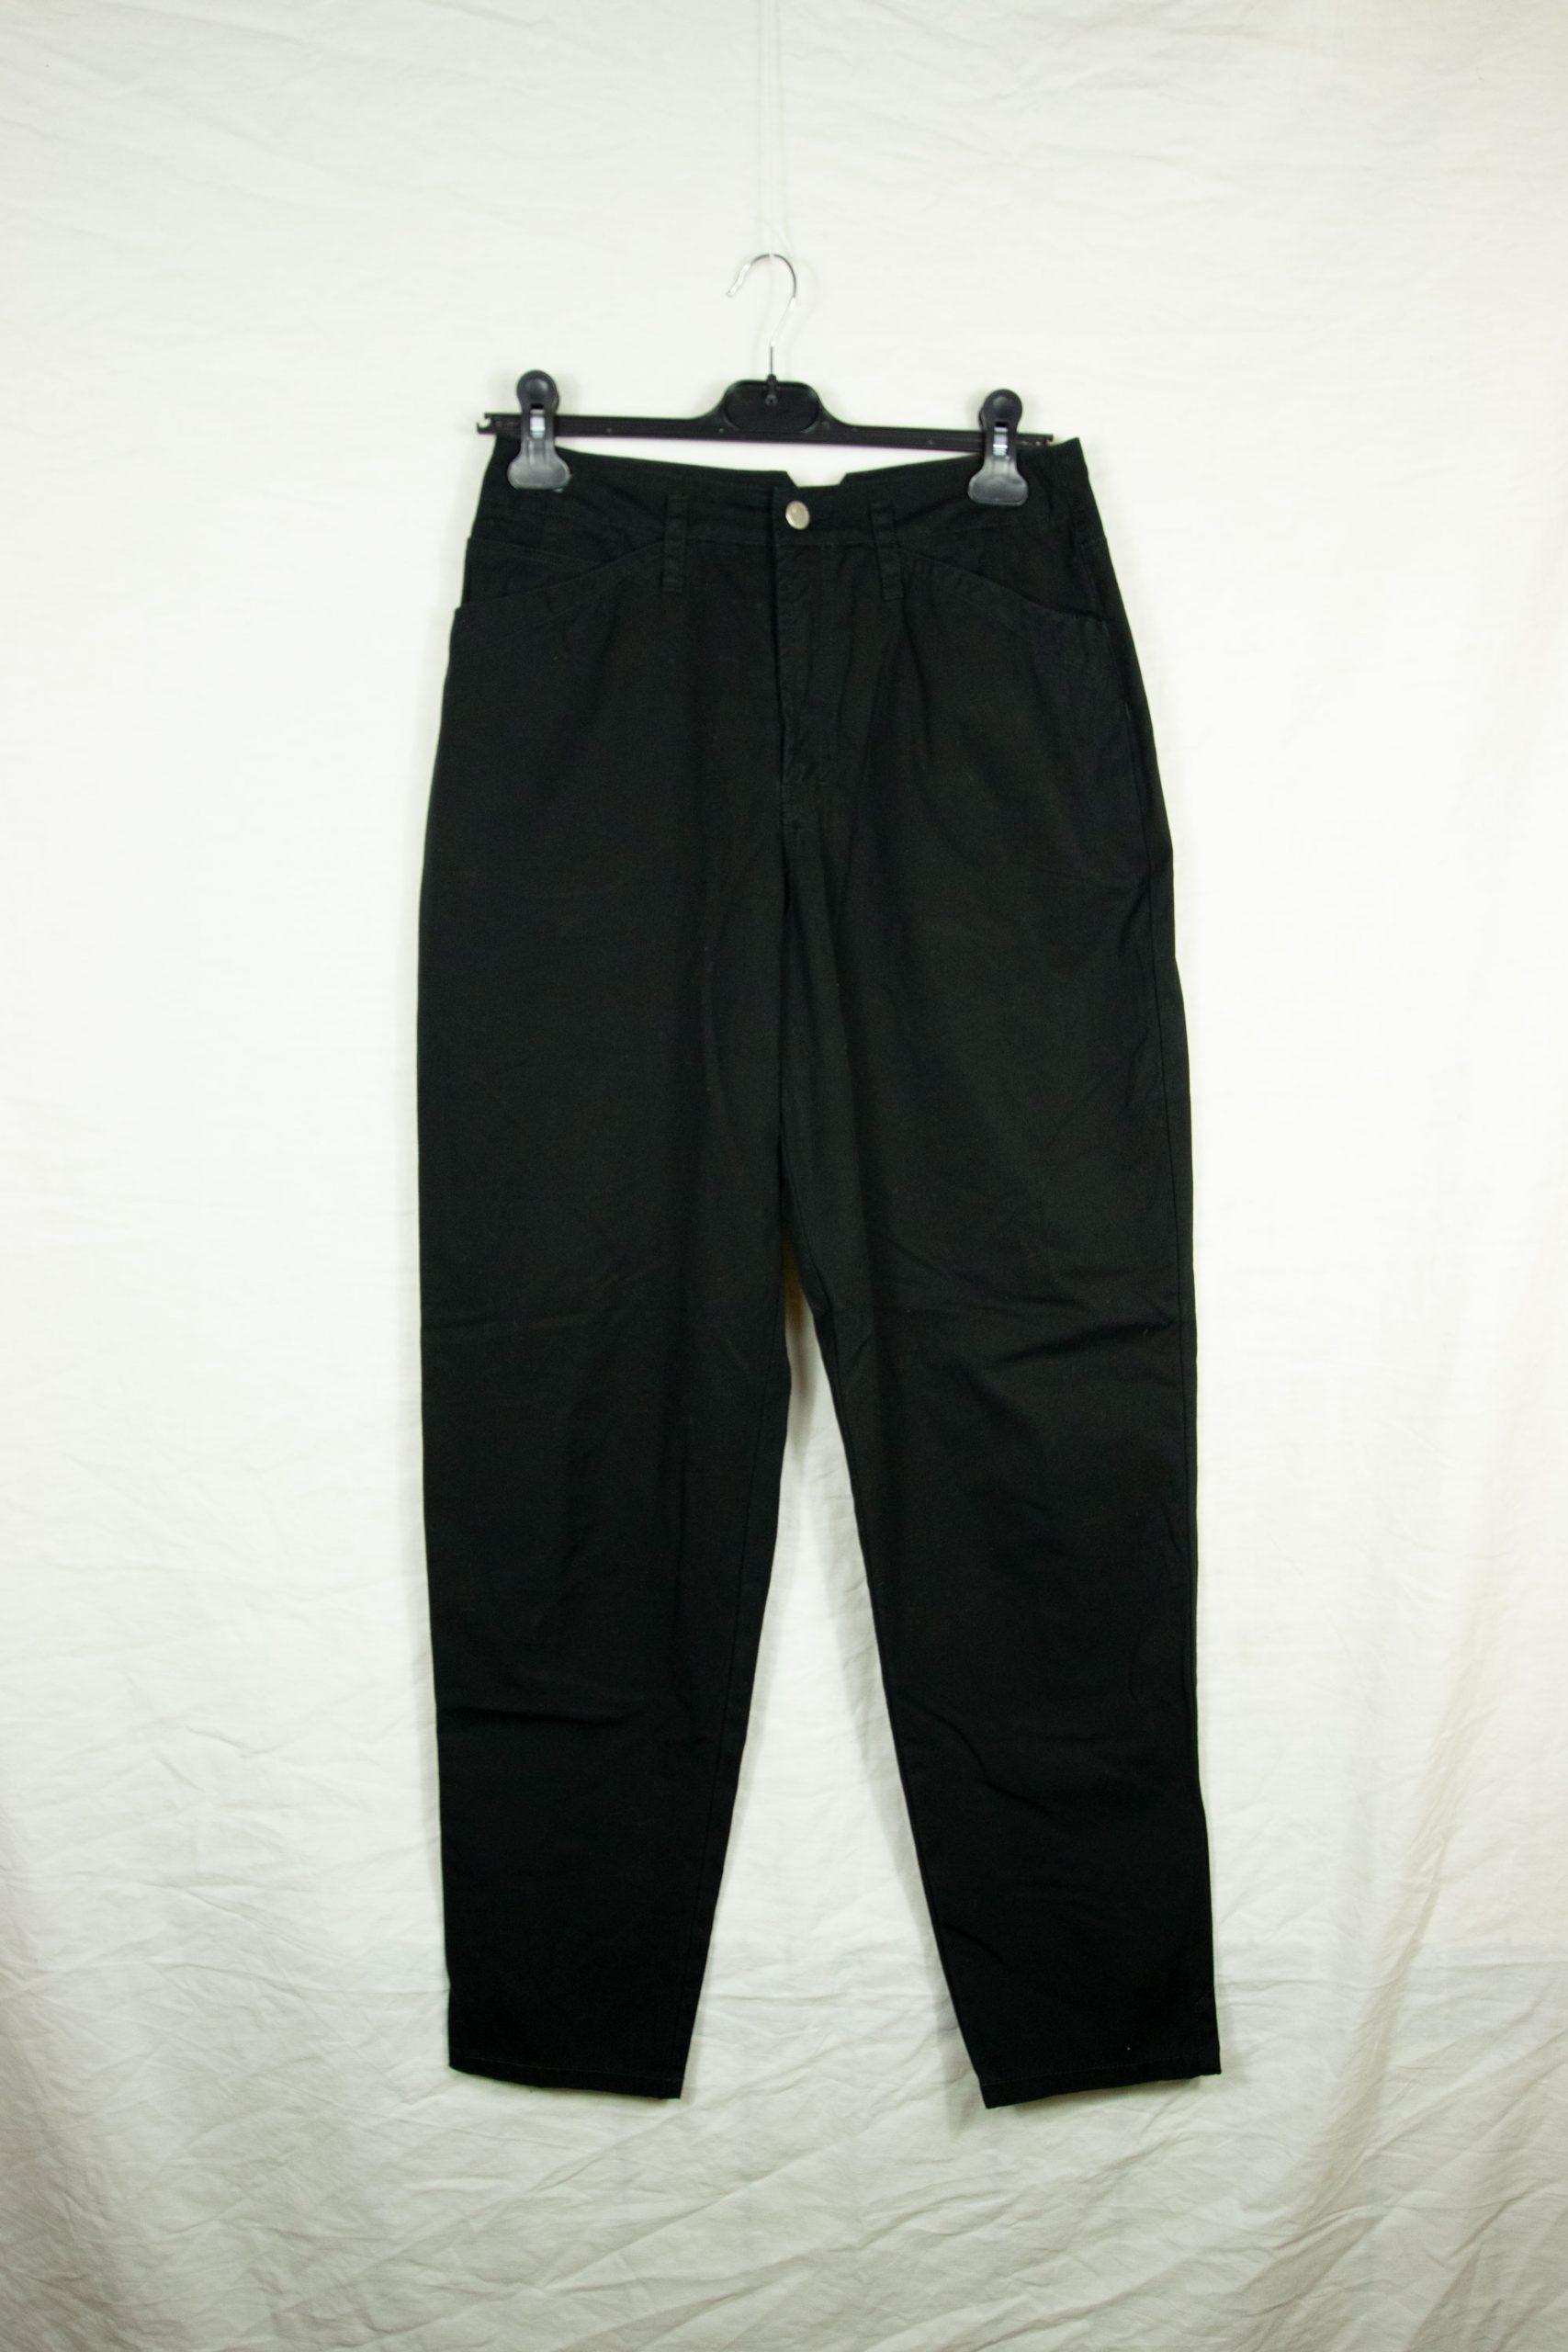 Pantalon noir esprit T 38